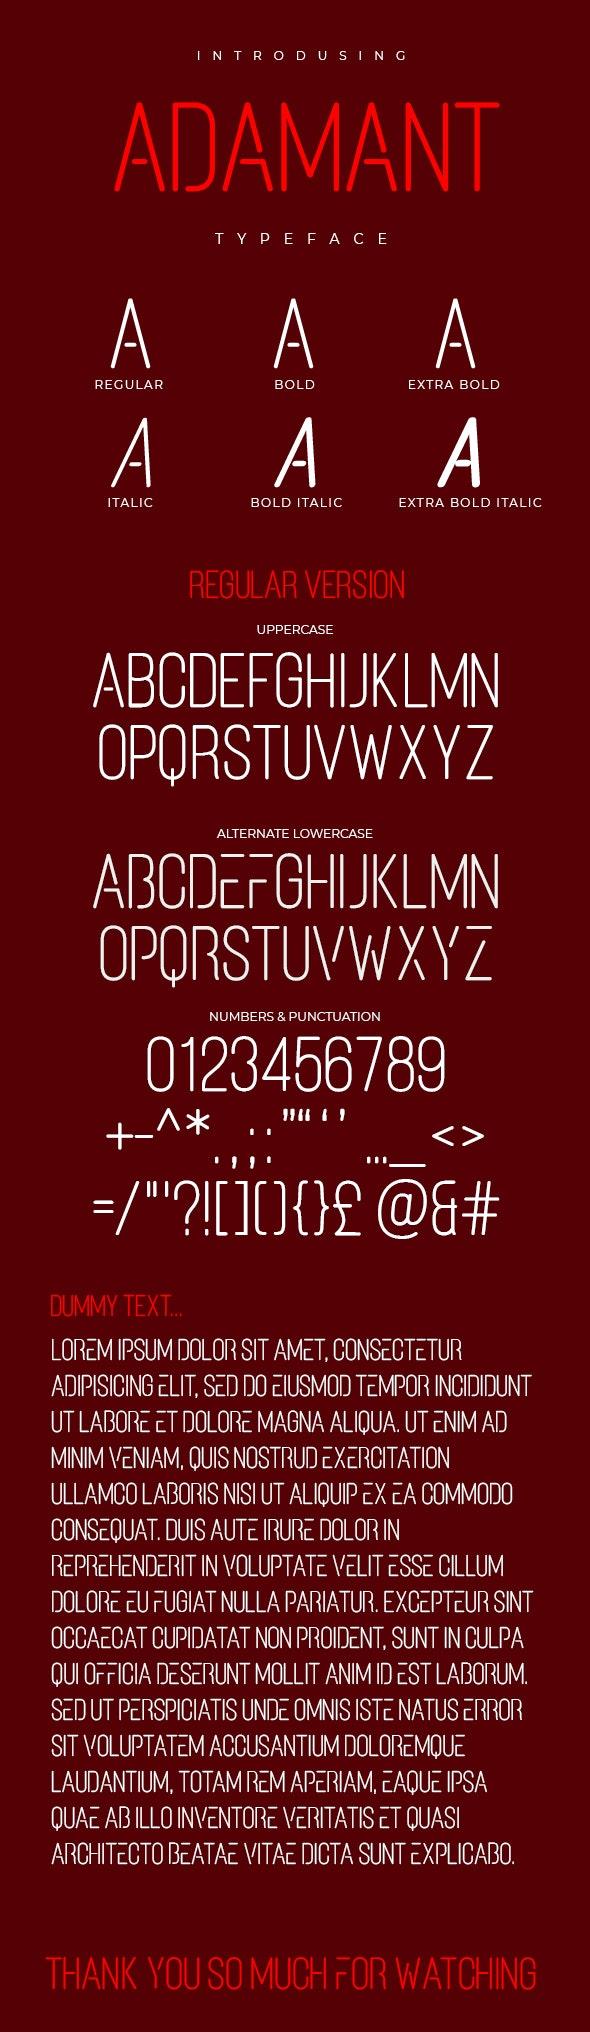 Adamant Typeface - Condensed Sans-Serif